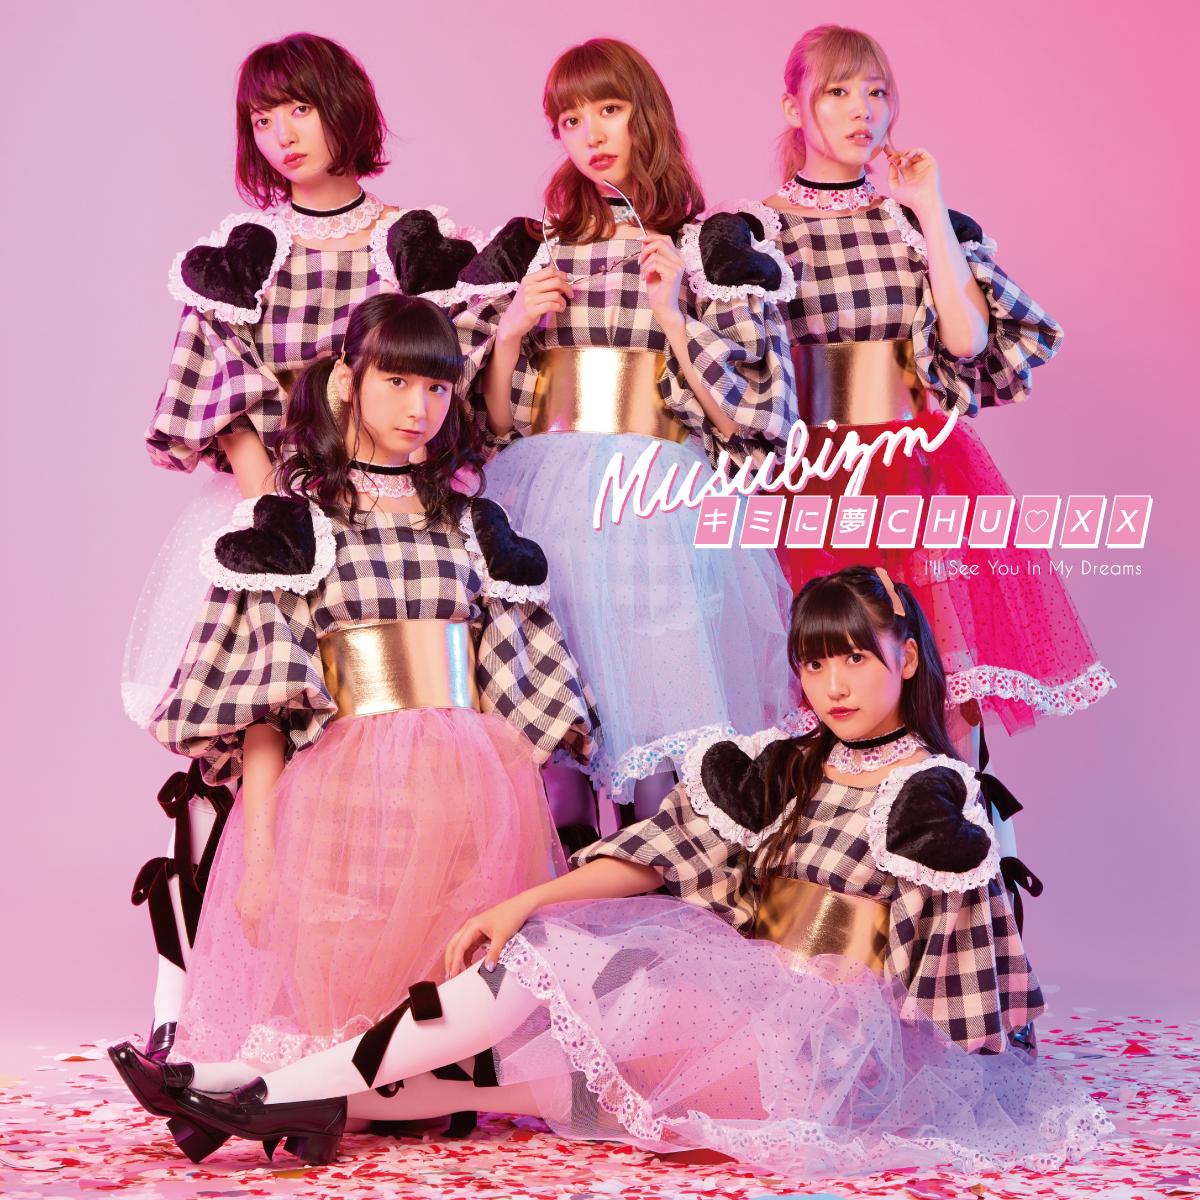 むすびズム、新プロデュース布陣で臨む3rdシングル「キミに夢CHU♡XX」6月27日リリース決定